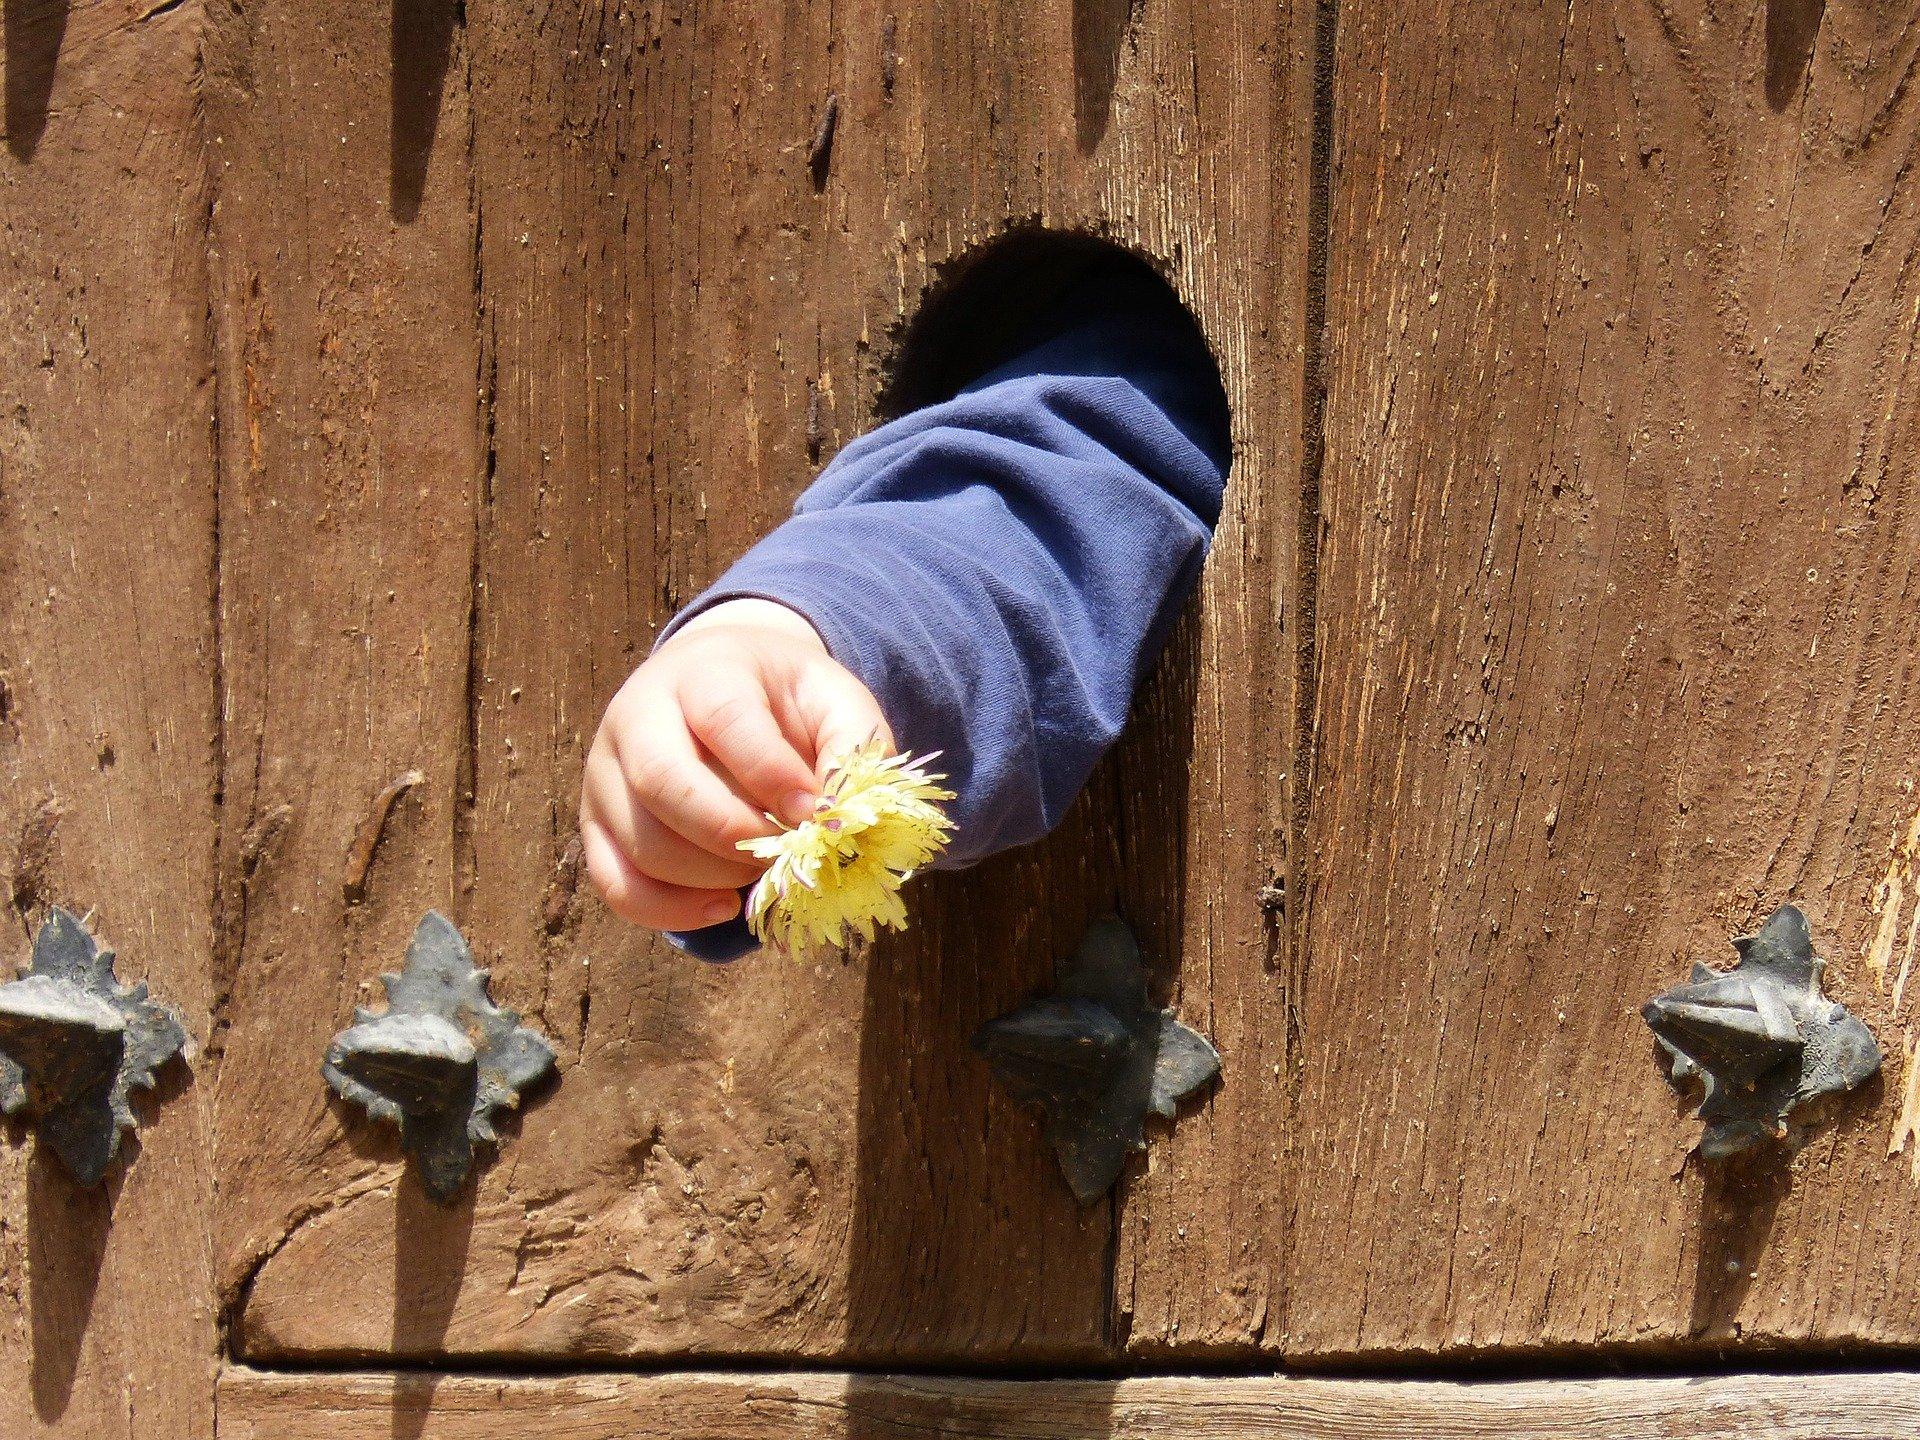 dal buco di una porta di legno esce la mano di un bambino che tiene un fiore giallo